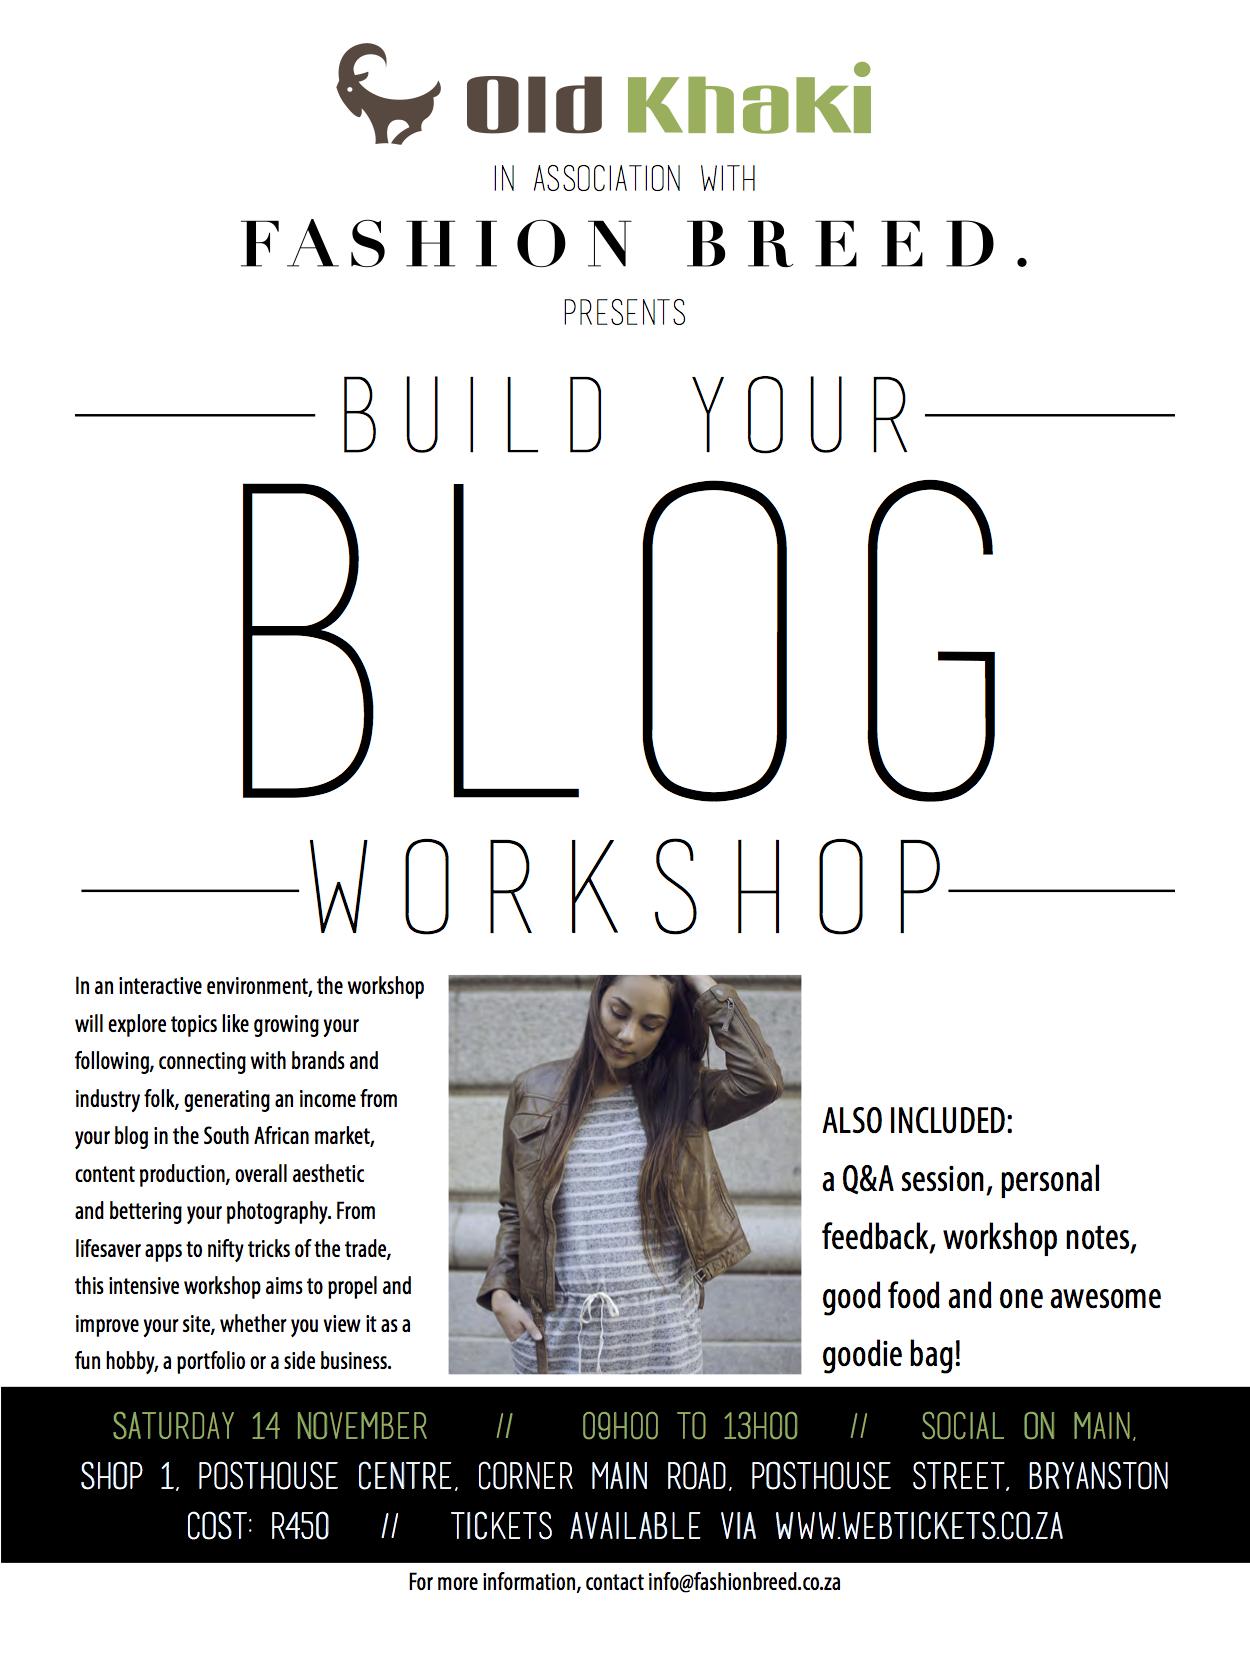 OK_large_banner_Bloggers_workshop 2